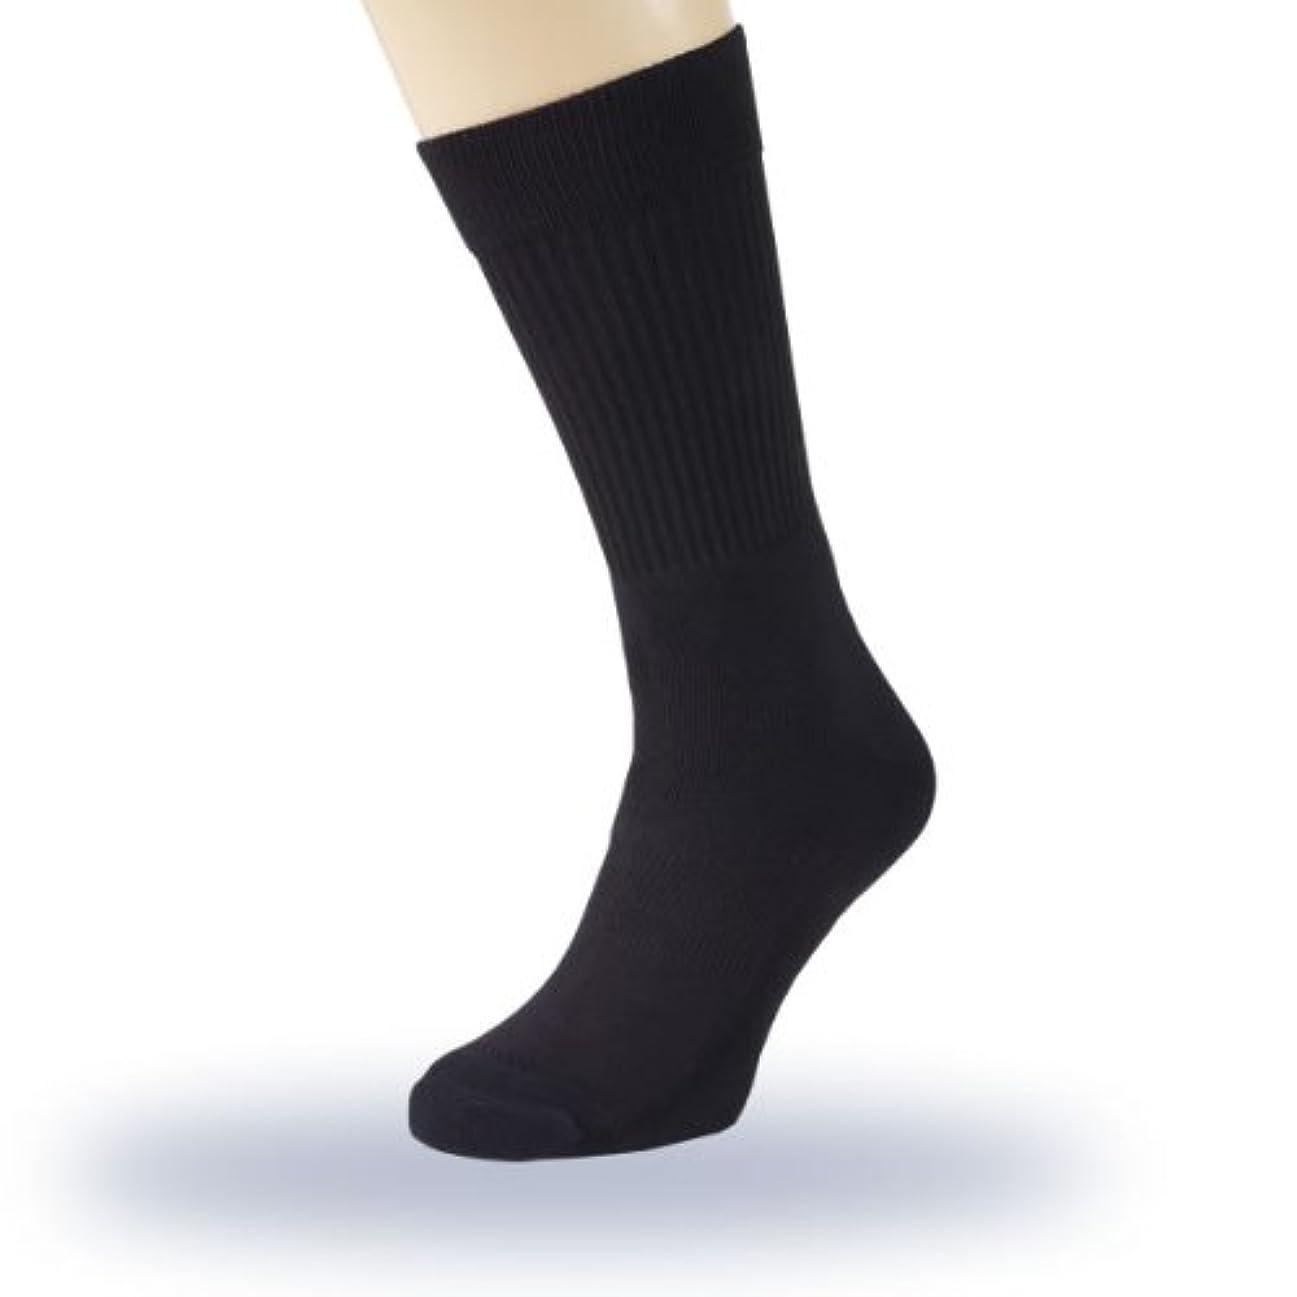 きつくハンサム求めるフットケアソックス PROTECT iT(プロテクトイット) 男女兼用 ブラック (M 23cm~25.5cm)